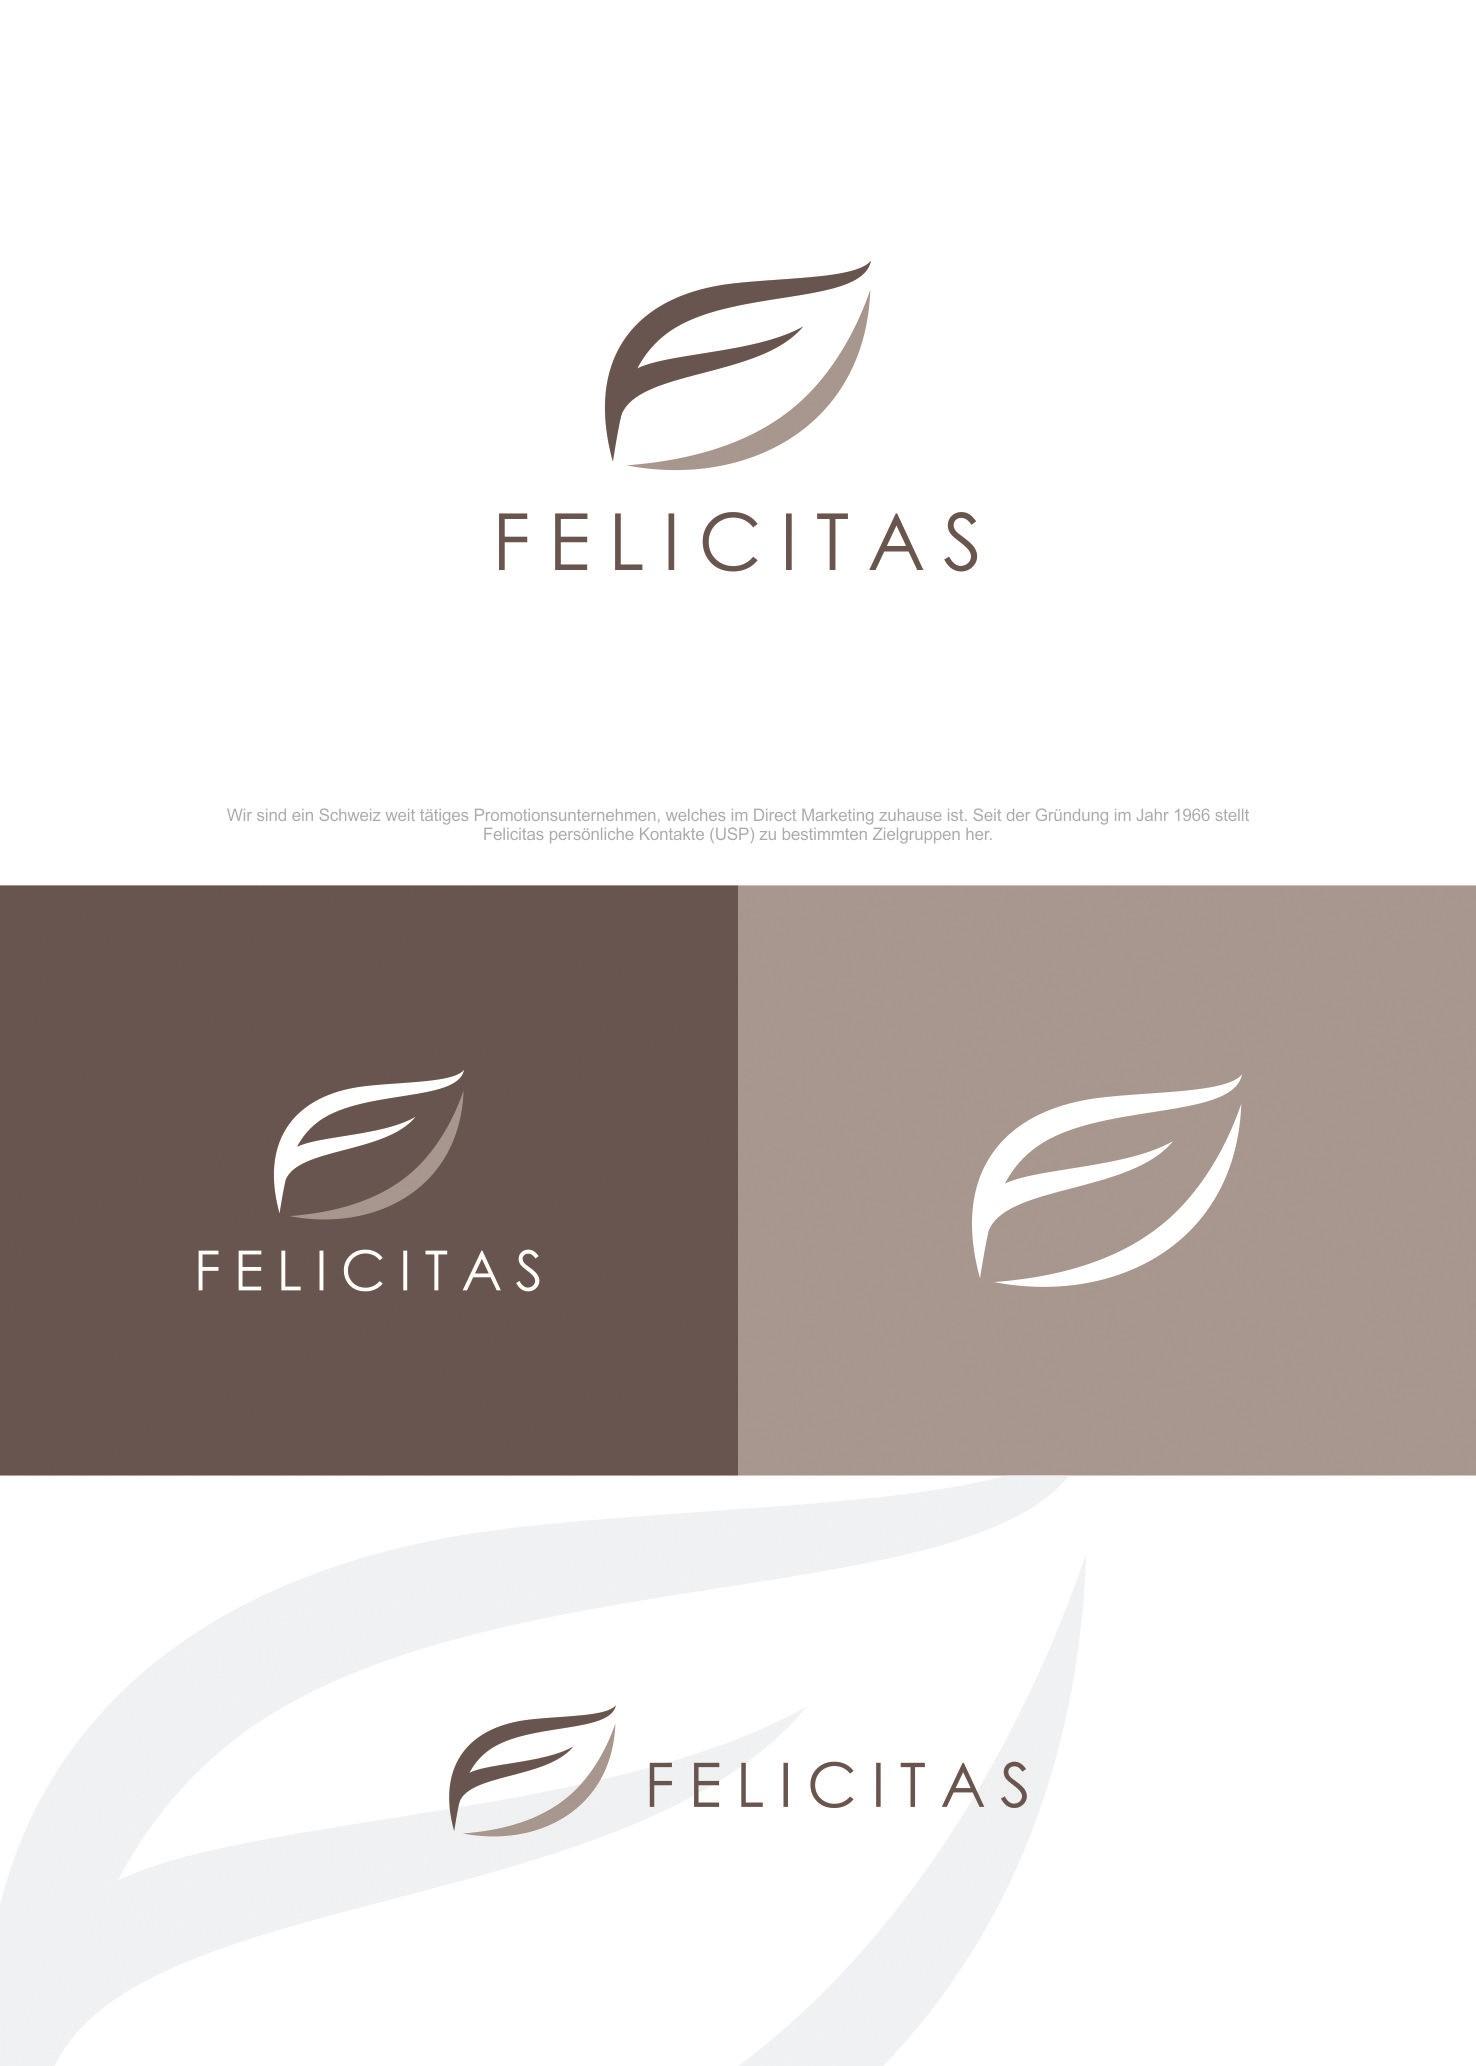 Felicitas braucht einen neuen Auftritt, erstelle unser Corporate Design